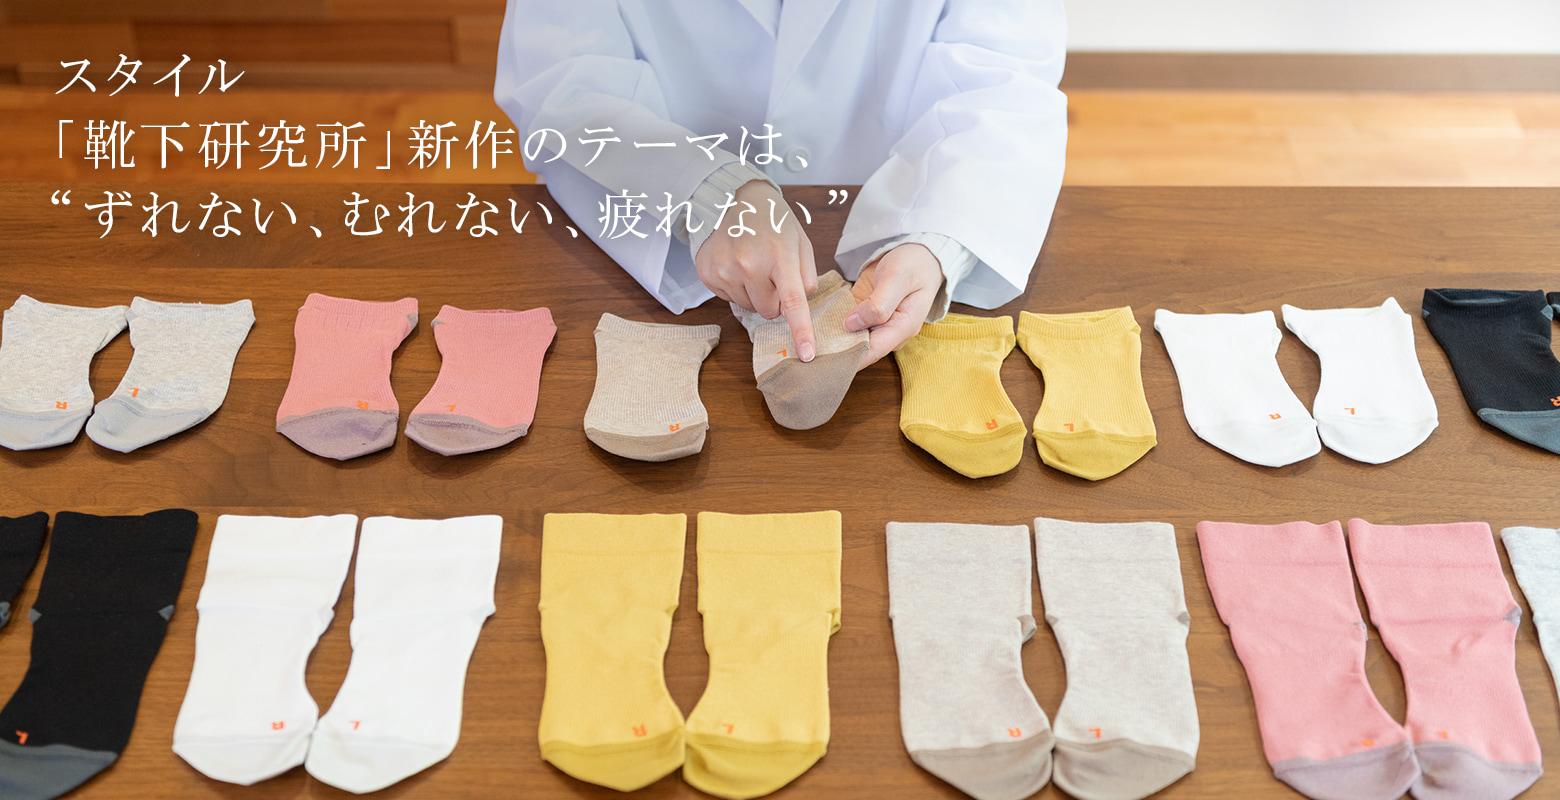 """「靴下研究所」新作のテーマは""""ずれない、むれない、疲れない"""""""